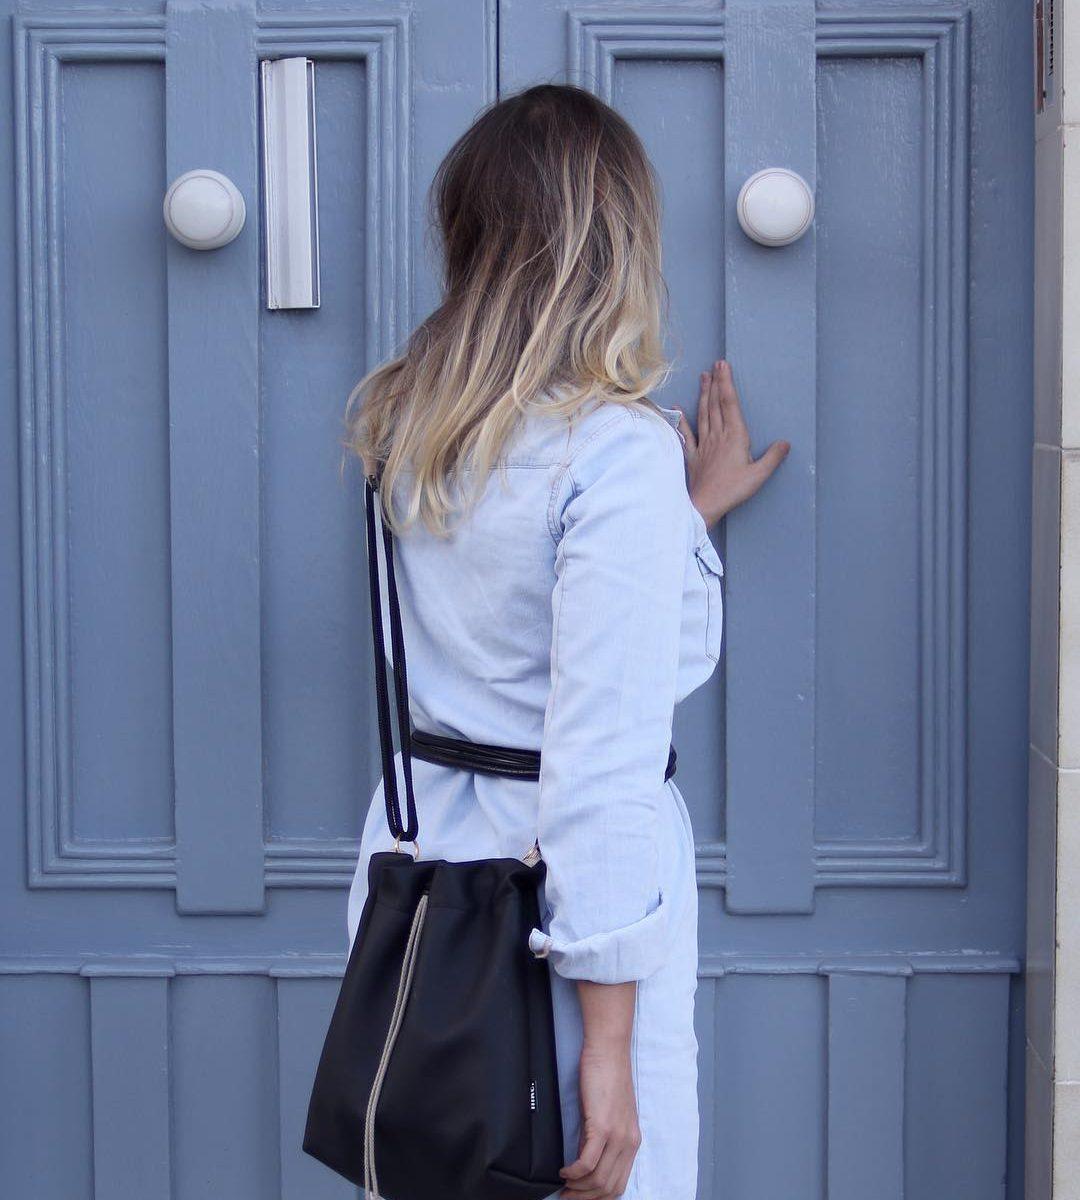 Blaue Tür in Malta